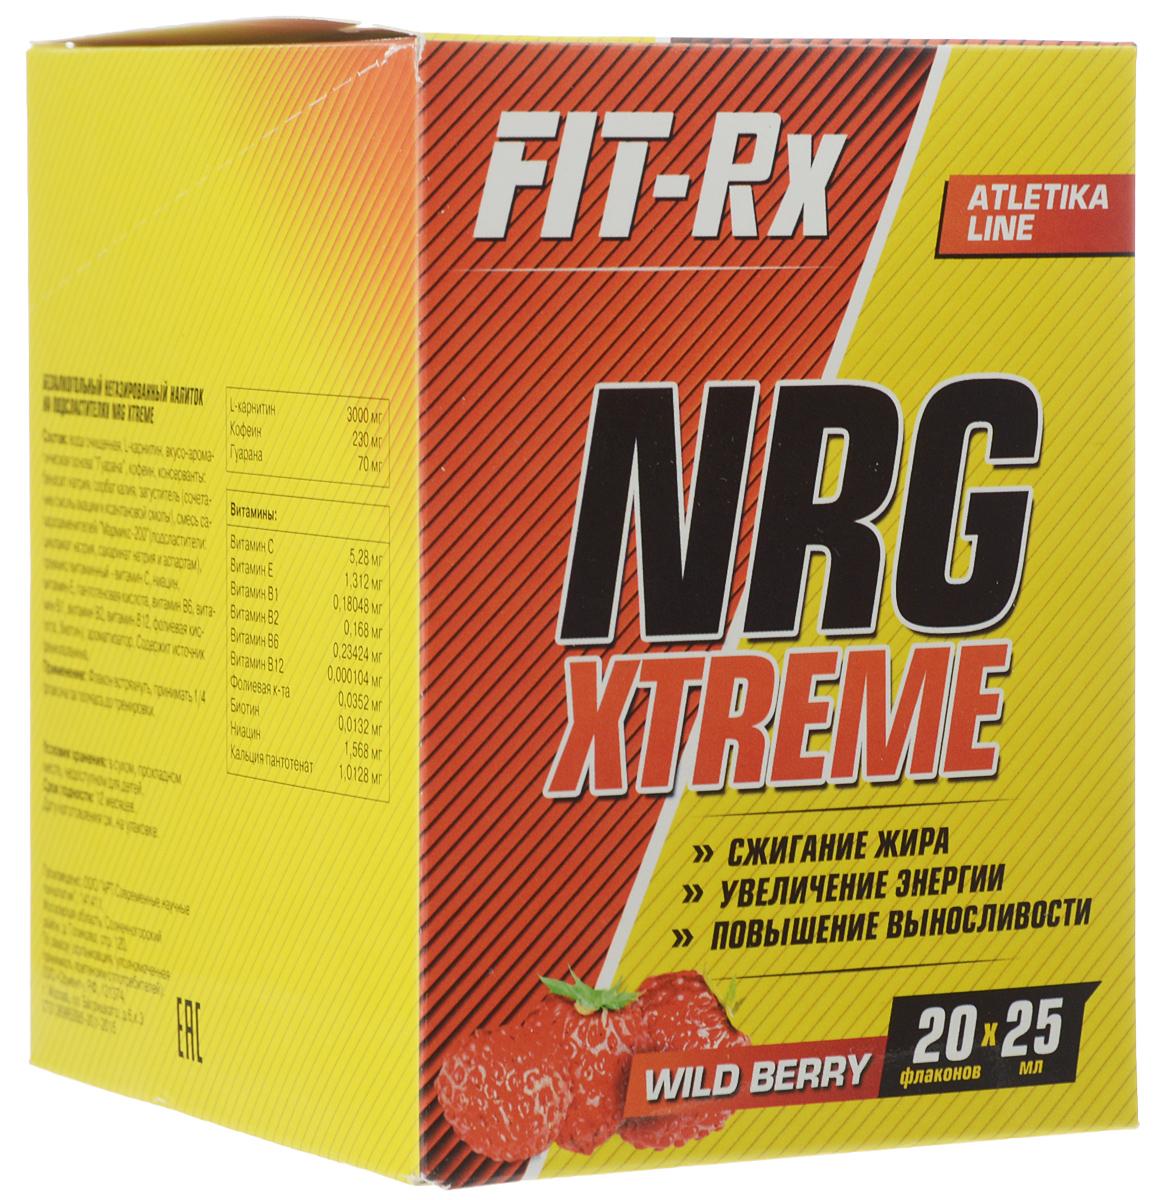 Предтренировочный комплекс FIT-RX NRG Xtreme, земляника, 20 х 25 мл00736FIT-RX NRG Xtreme - это сбалансированный жидкий комплекс широко известных, доказавших свою эффективность ингредиентов для уменьшения жировой ткани тела, повышения выносливости, ментальной концентрации и мотивации к физическим нагрузкам. Совместное применение L-карнитина и кофеина создает эффект, превосходящий применение этих продуктов в отдельности.L-карнитин используется организмом для транспортировки жирных кислот из проблемных зон тела (депо жира) в митохондрии клеток мышц. Там жирные кислоты окисляются и используются как источник энергии, то есть сжигаются. Этот процесс является естественным процессом организма. L-карнитин также стимулирует деятельность иммунной системы, предотвращает тромбозы и болезни сердца.Кофеин - мощный и безопасный стимулятор активности. Он повышает эффективность физической и умственной деятельности, ускоряет реакции, снимает депрессивные и тревожные состояния. Это позволяет тренироваться с большей энергией, с лучшим настроением, расходовать больше калорий. Чистый кофеин ведет к возникновению высокой мотивации и физических возможностей сразу после приема. Присутствие медленного кофеина из гуараны поддерживает бодрое состояние духа и тела на все время тренировки. Такой эффект повышает отдачу от тренировки и ведет к сжиганию большего количества жира. Кофеин также имеет выраженное свойство понижения аппетита.Функции препарата:Повышает выносливость во время тренировокОказывает мощное тонизирующее действиеУменьшает усталость и боль в мышцахАктивизирует физическую и умственную деятельностьУскоряет восстановление мышечной тканиРегулирует кровообращение и кислородный обменСтимулирует ЦНС, сердечнососудистую и иммунную системы.Состав: вода очищенная, L-карнитин (3000 мг), вкусо-ароматическая основа Гуарана (70 мг), кофеин (230 мг), консерванты: бензоат натрия, сорбат калия, загуститель (сочетание смолы акации и ксантановой смолы), смесь сахарозаменителей Мармикс-200 (подсласти